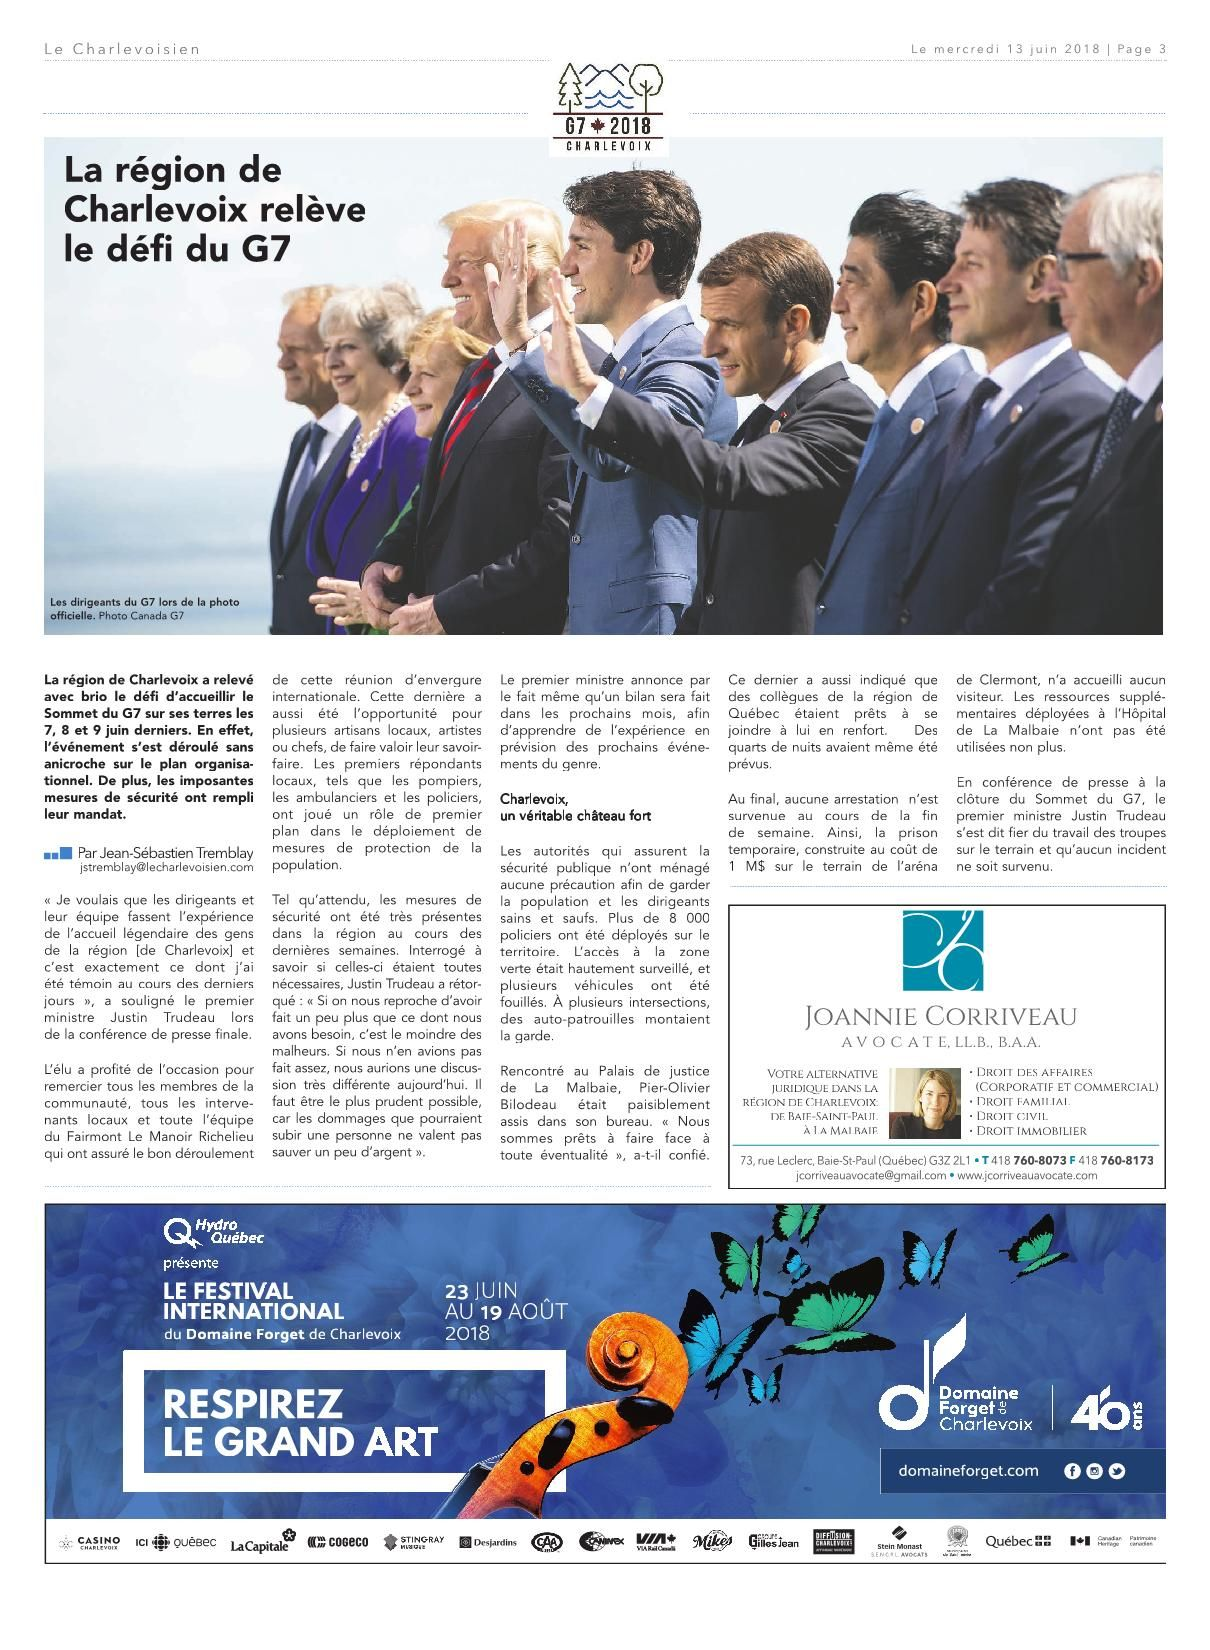 Leclerc so Ouest Inspirant Le Charlevoisien 13 Juin 2018 Pages 1 40 Text Version Of 30 Nouveau Leclerc so Ouest